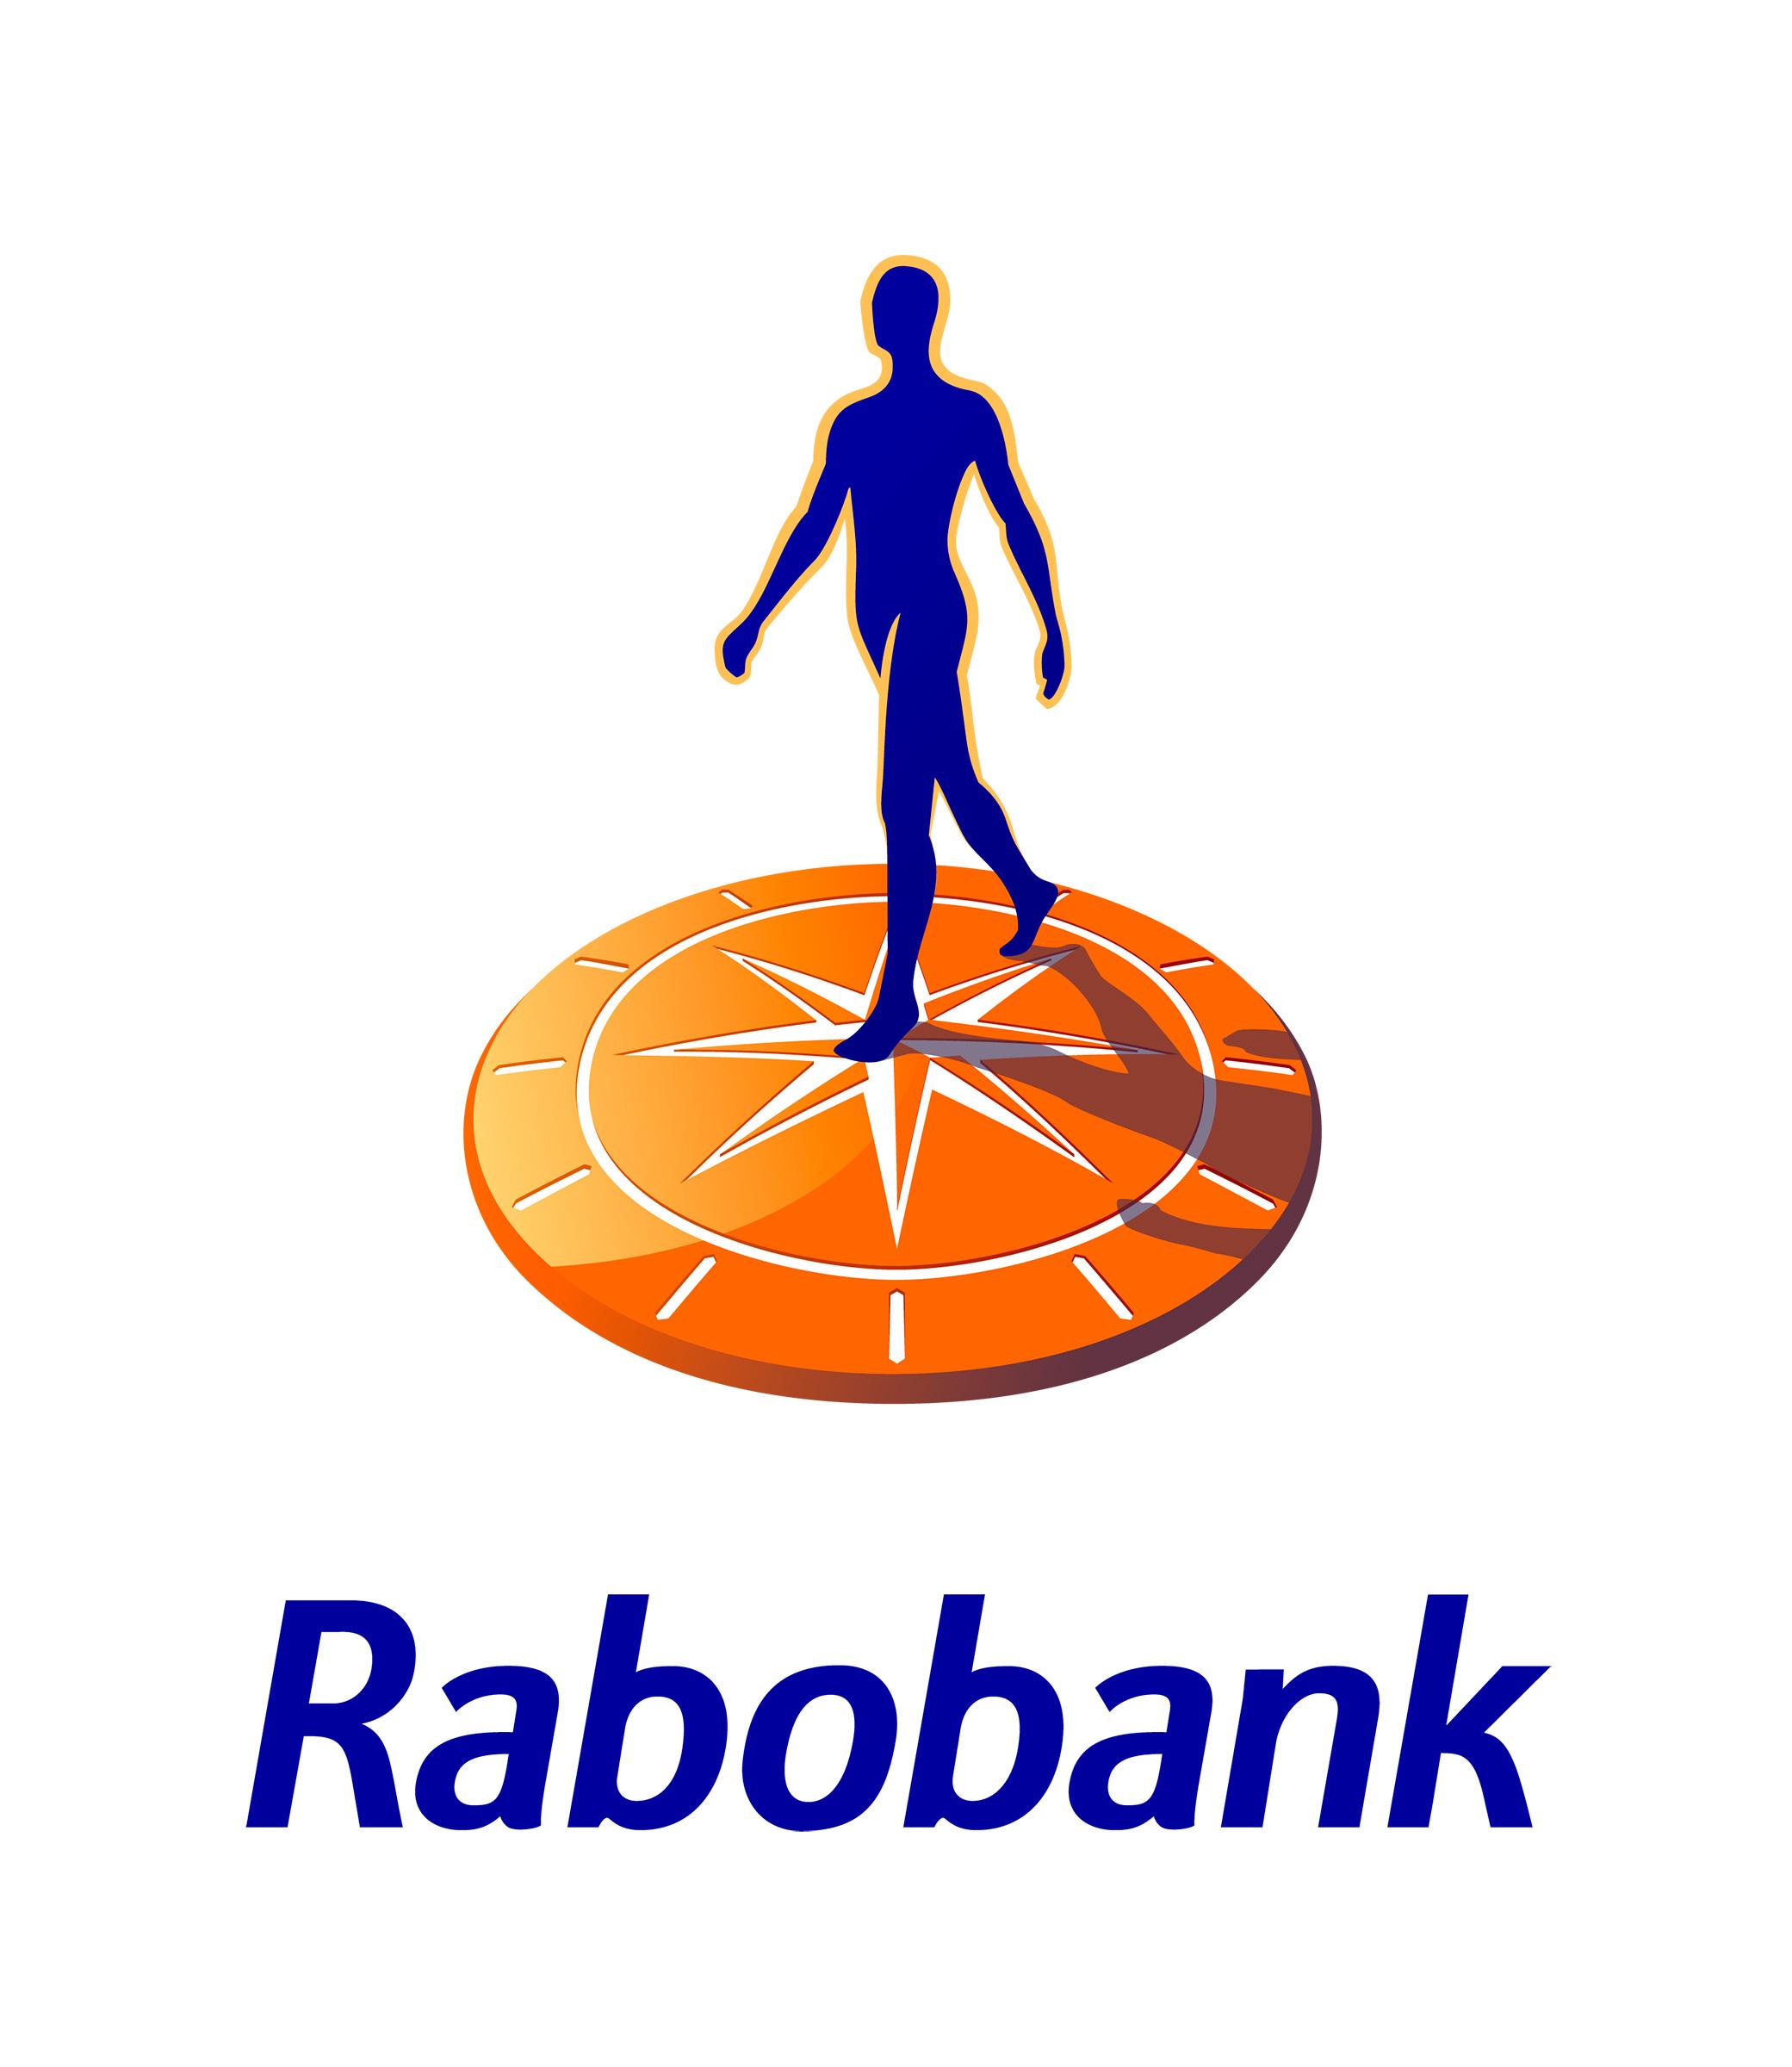 rb_logo_jpg